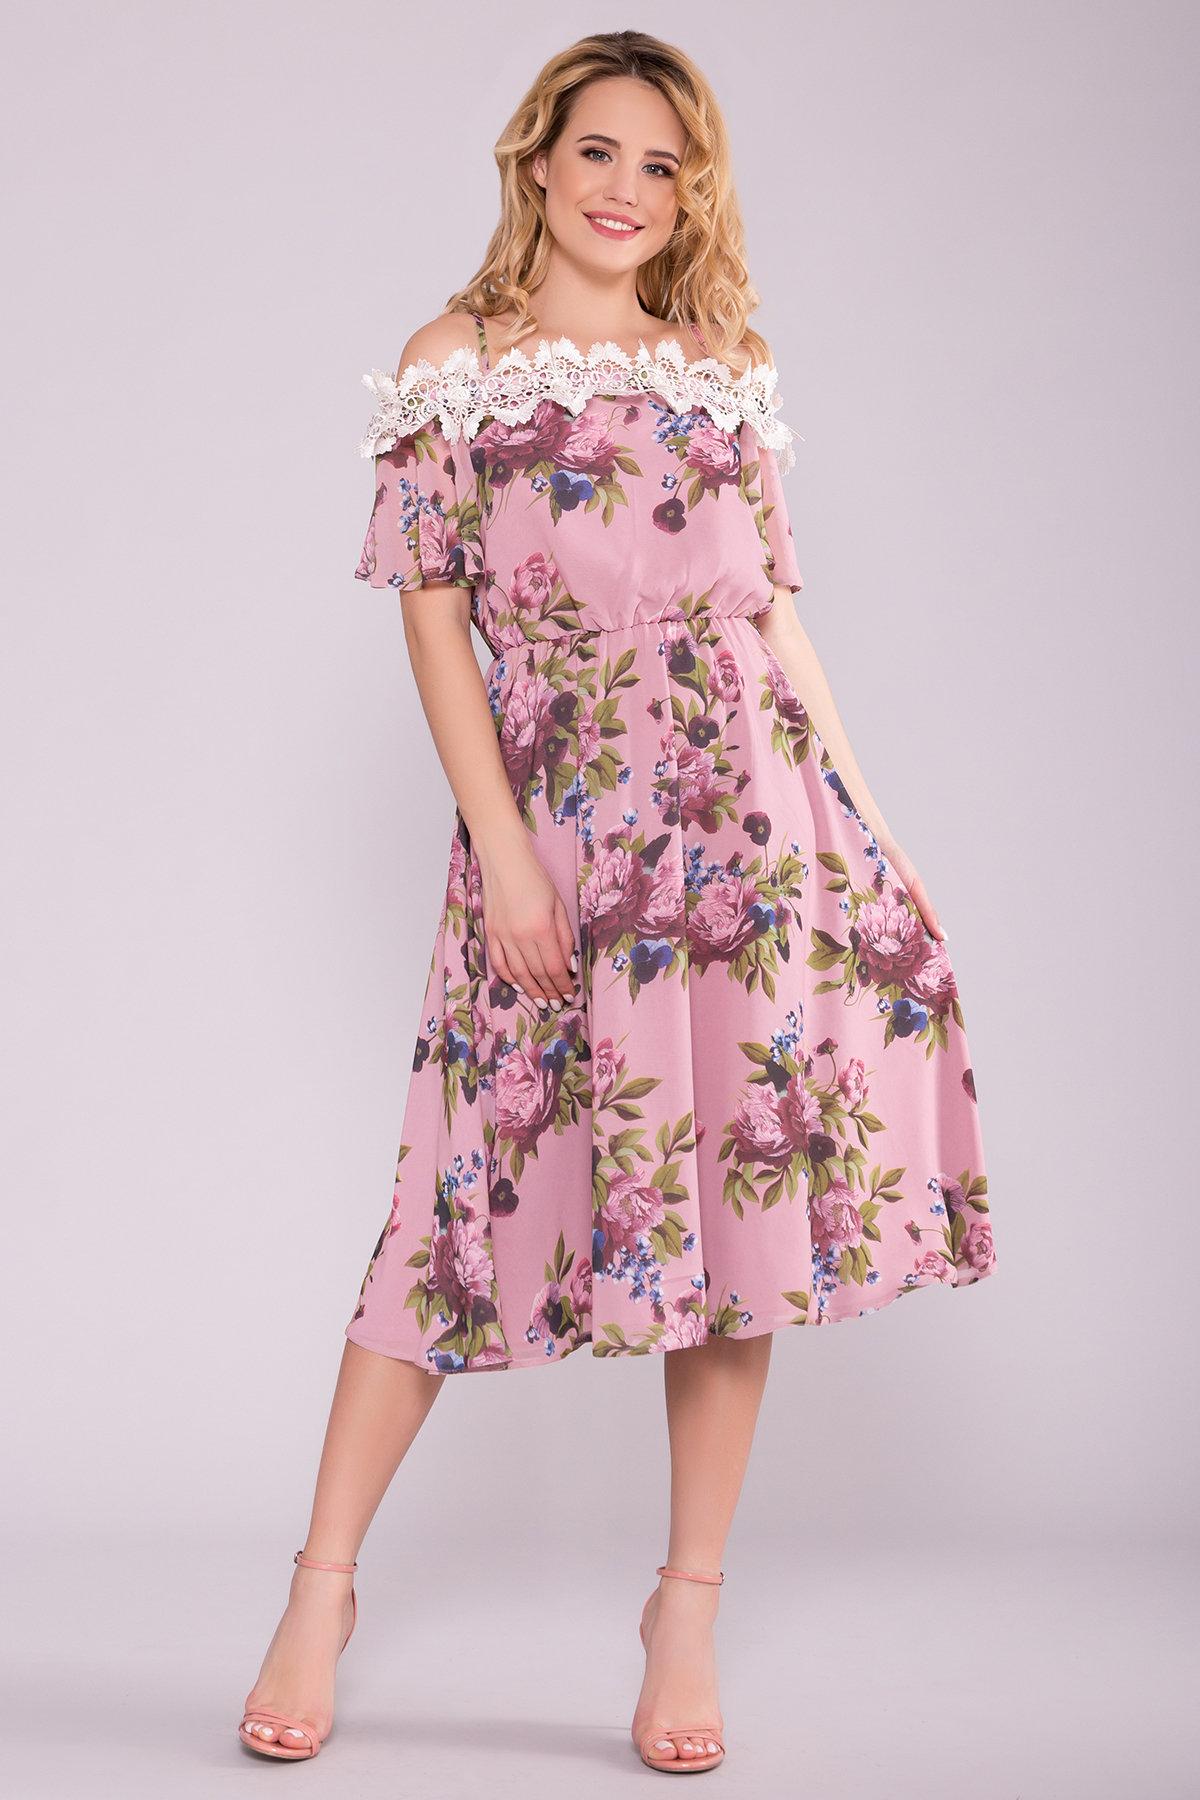 Платье Маргарет 6924 АРТ. 42294 Цвет: Пудра Пионы - фото 3, интернет магазин tm-modus.ru